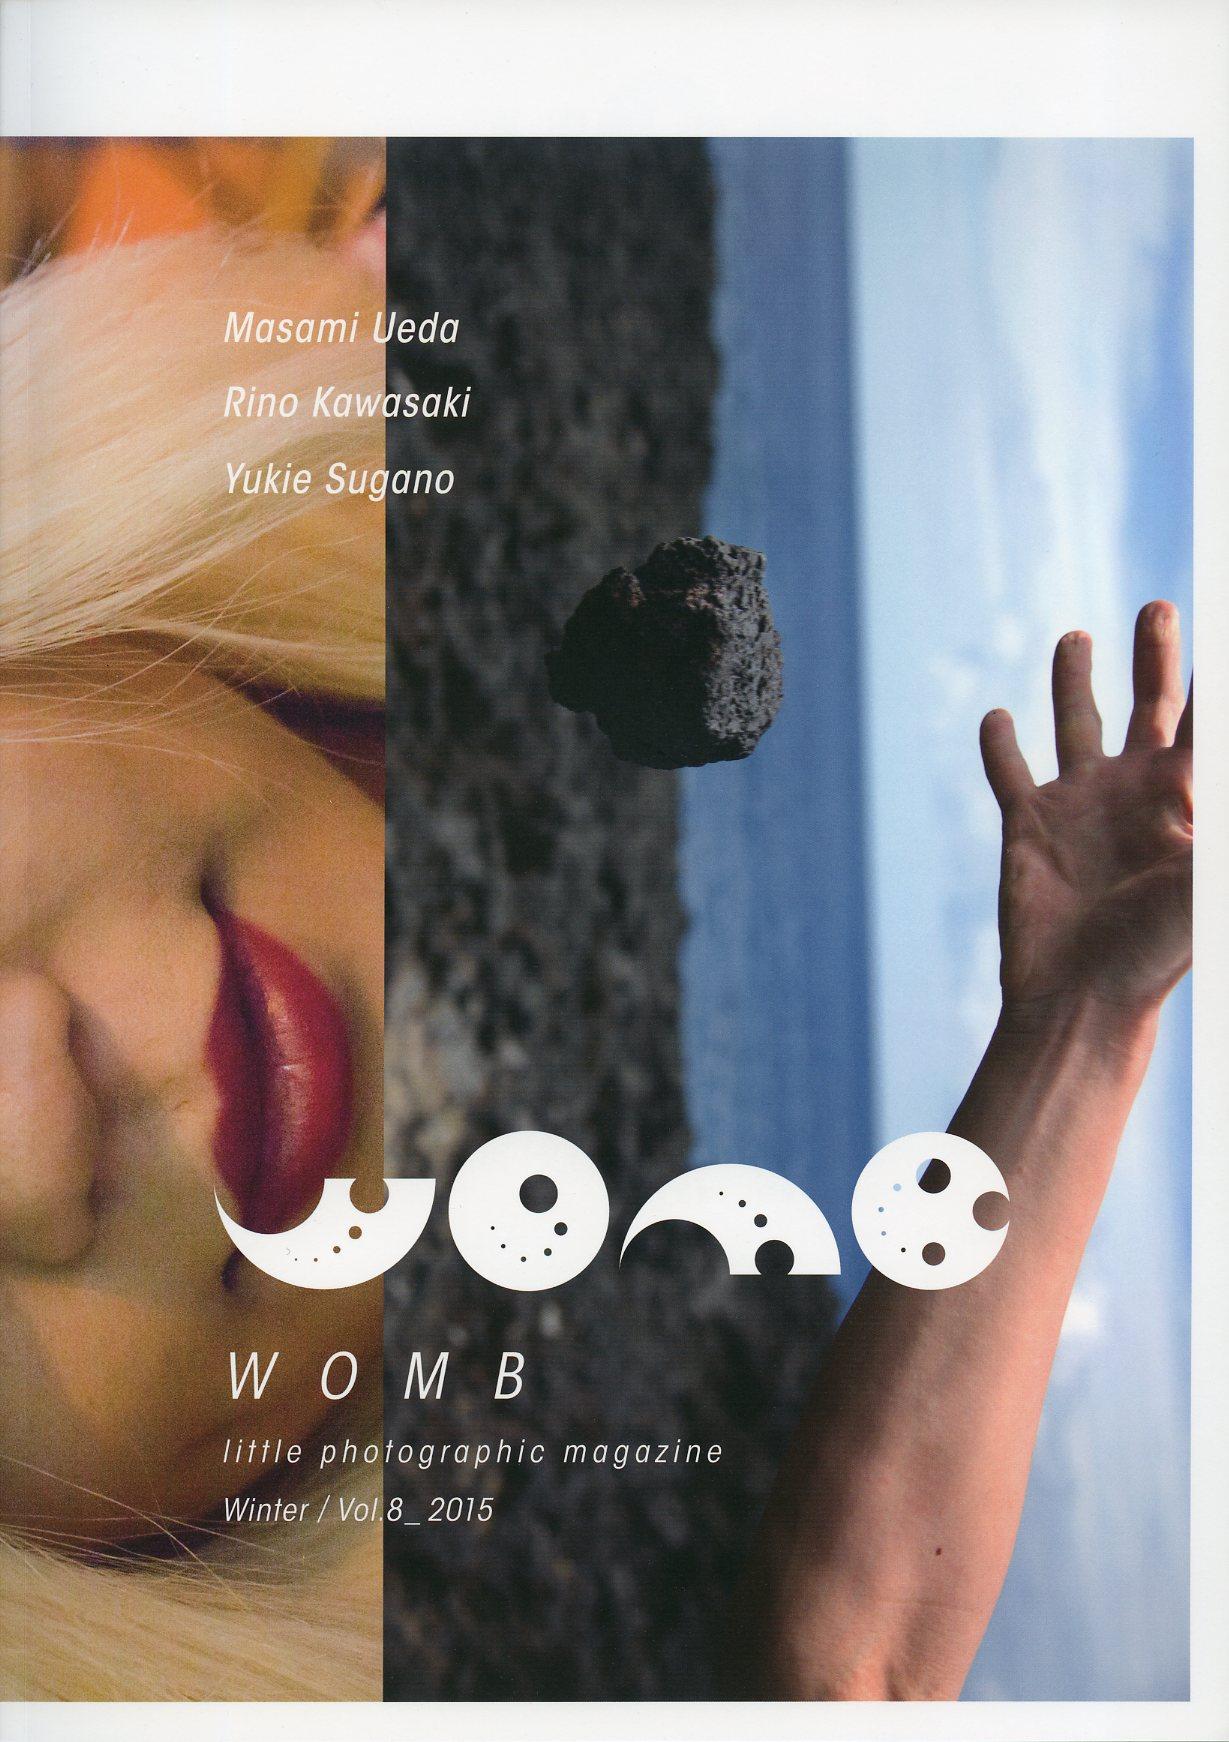 WOMB vol.8